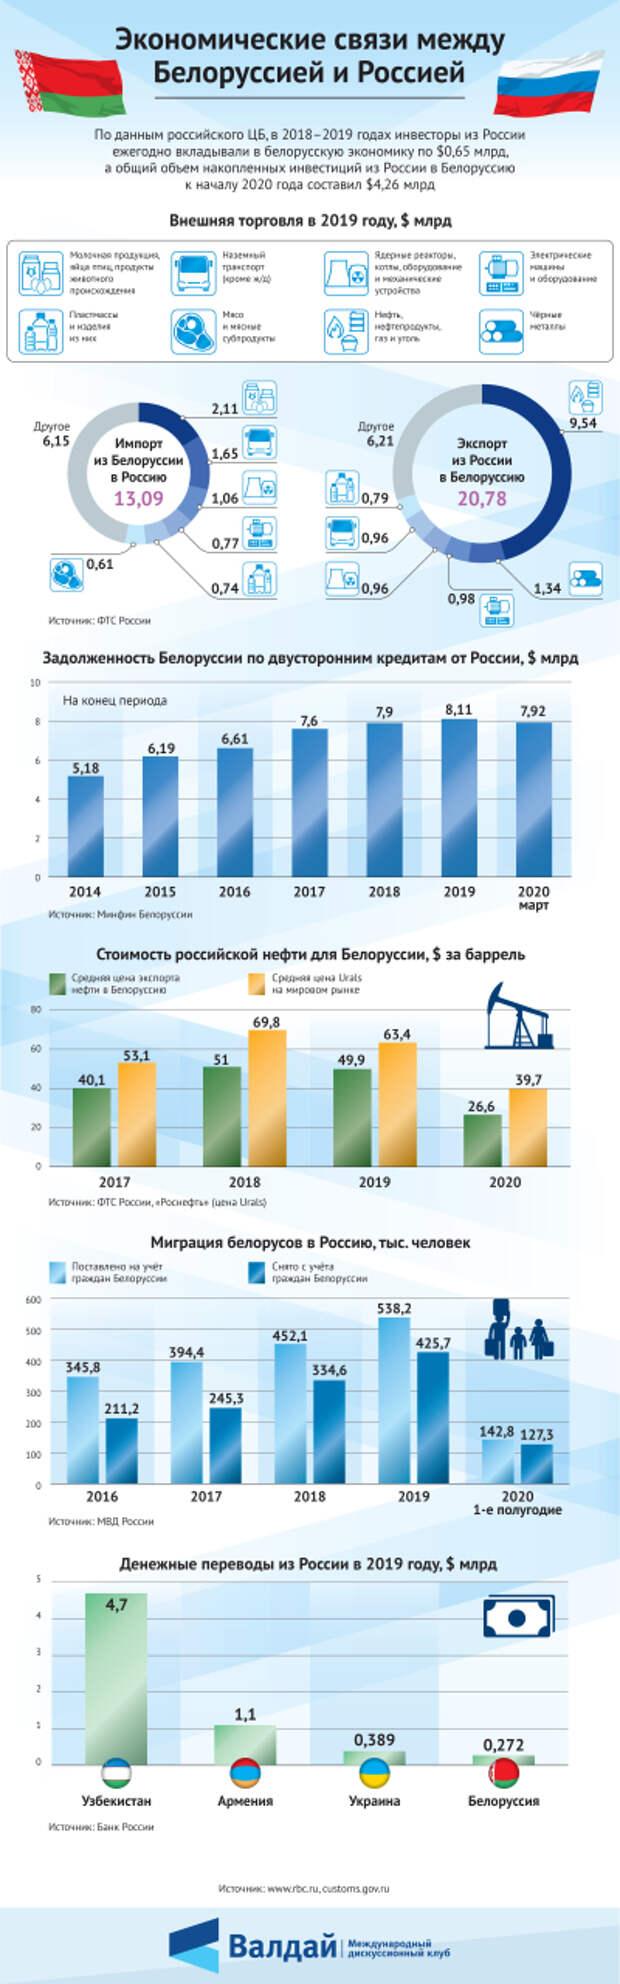 Экономические связи между Белоруссией и Россией